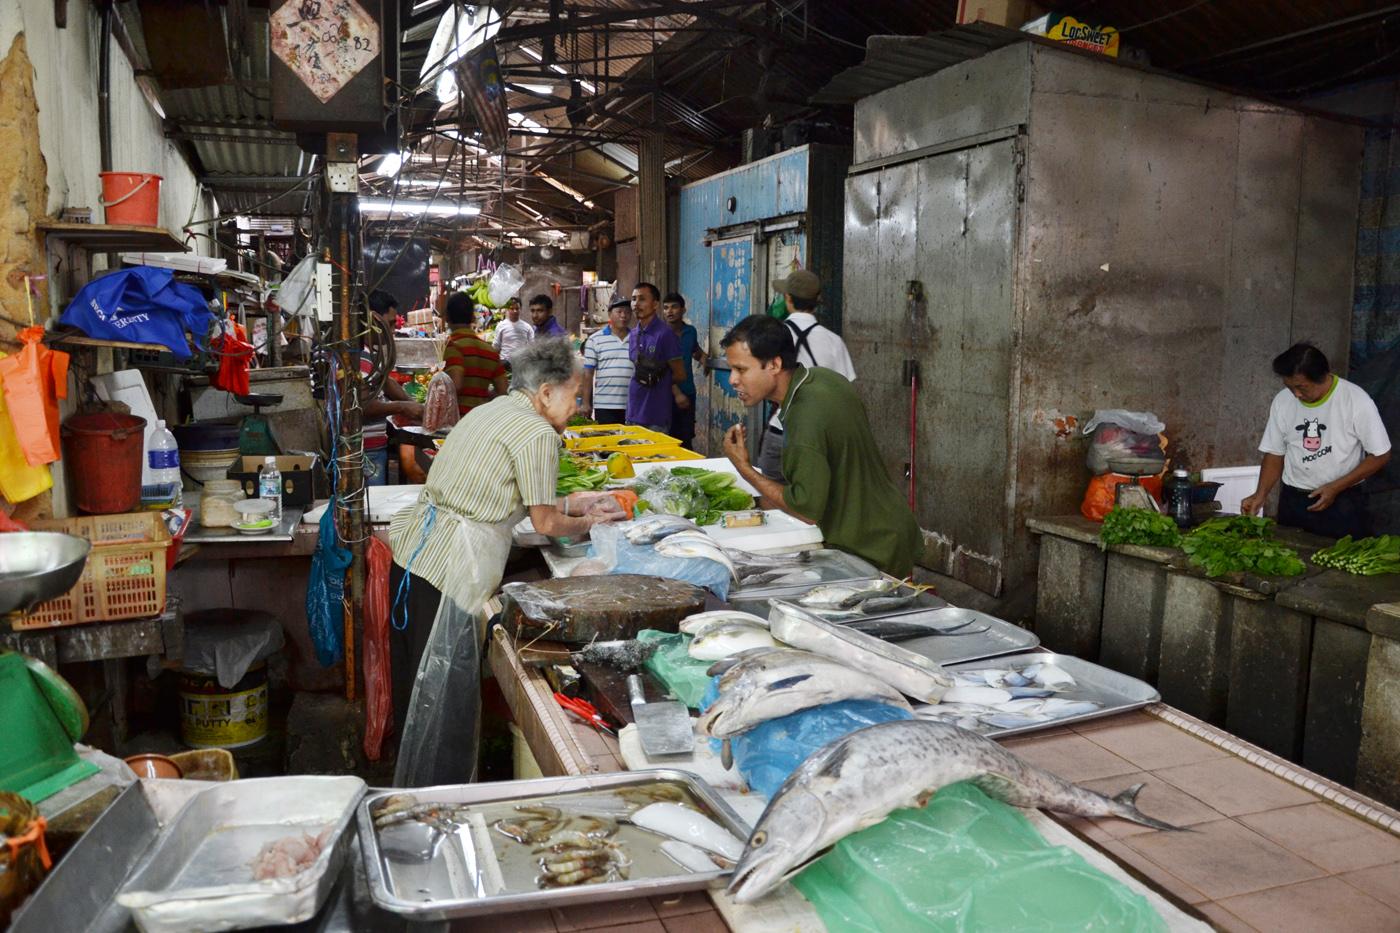 What-to-do-in-Kuala-Lumpur-chinatown-gucki-market